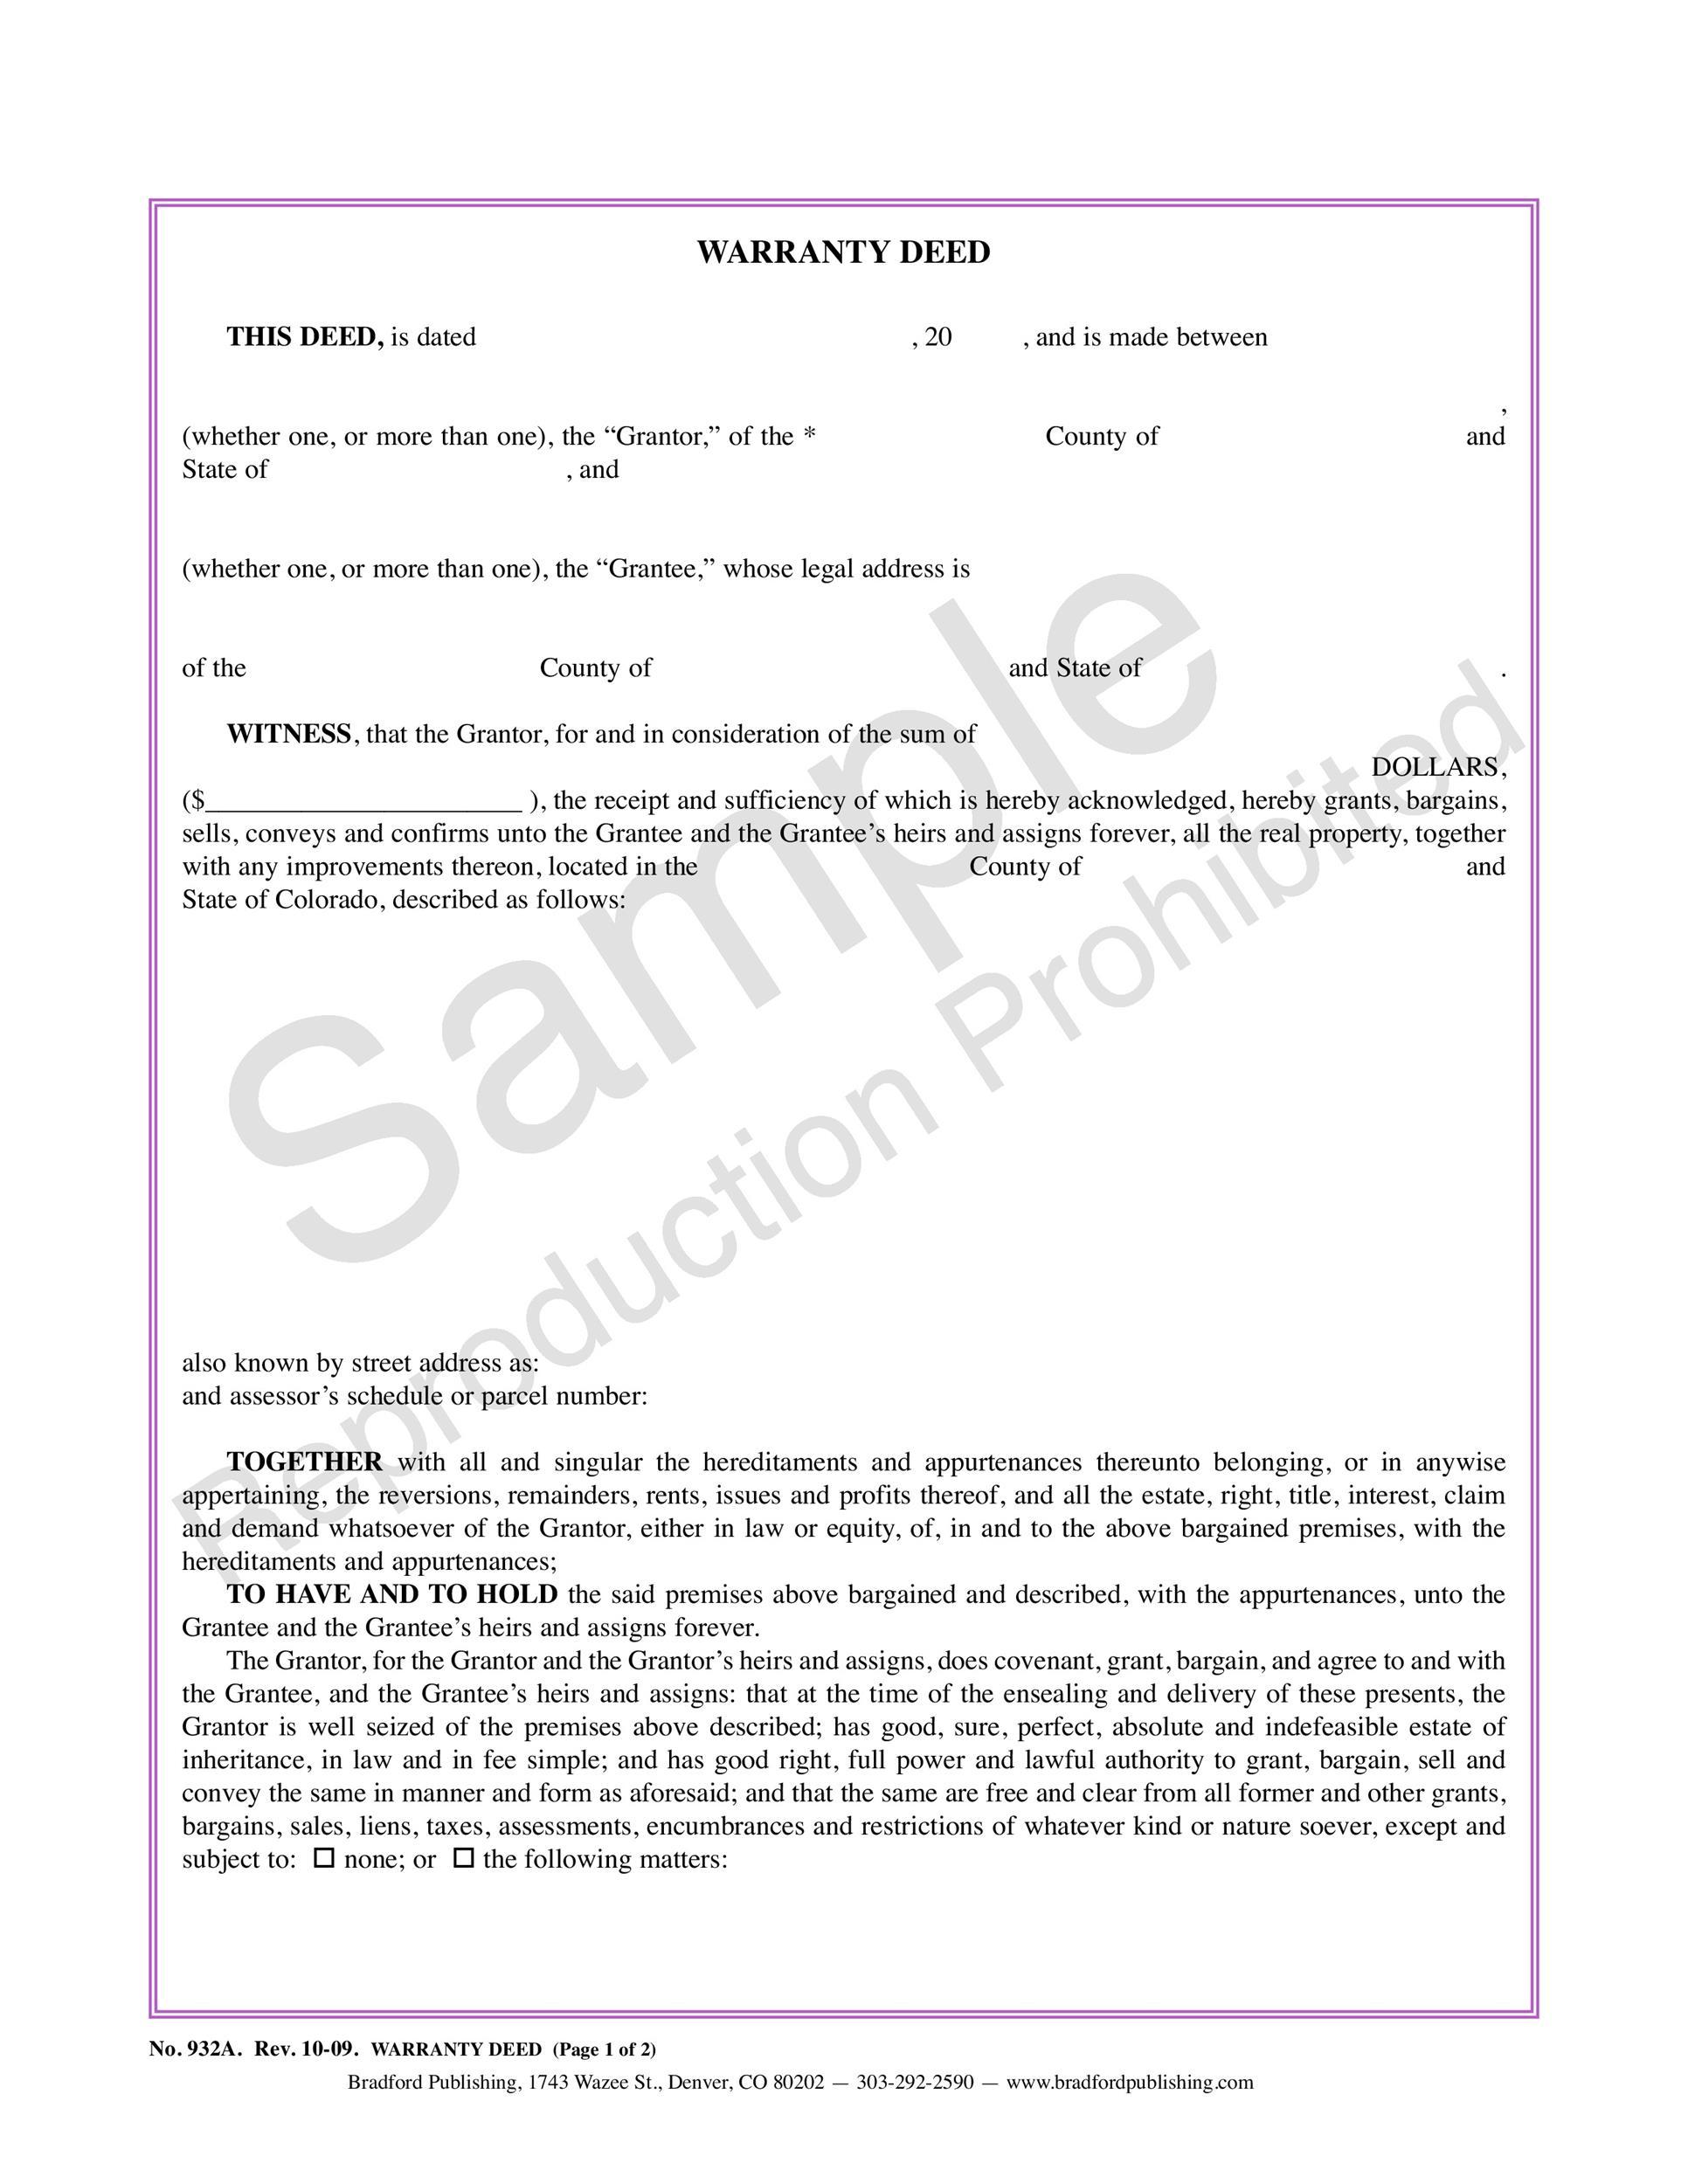 Free Warranty deed template 26